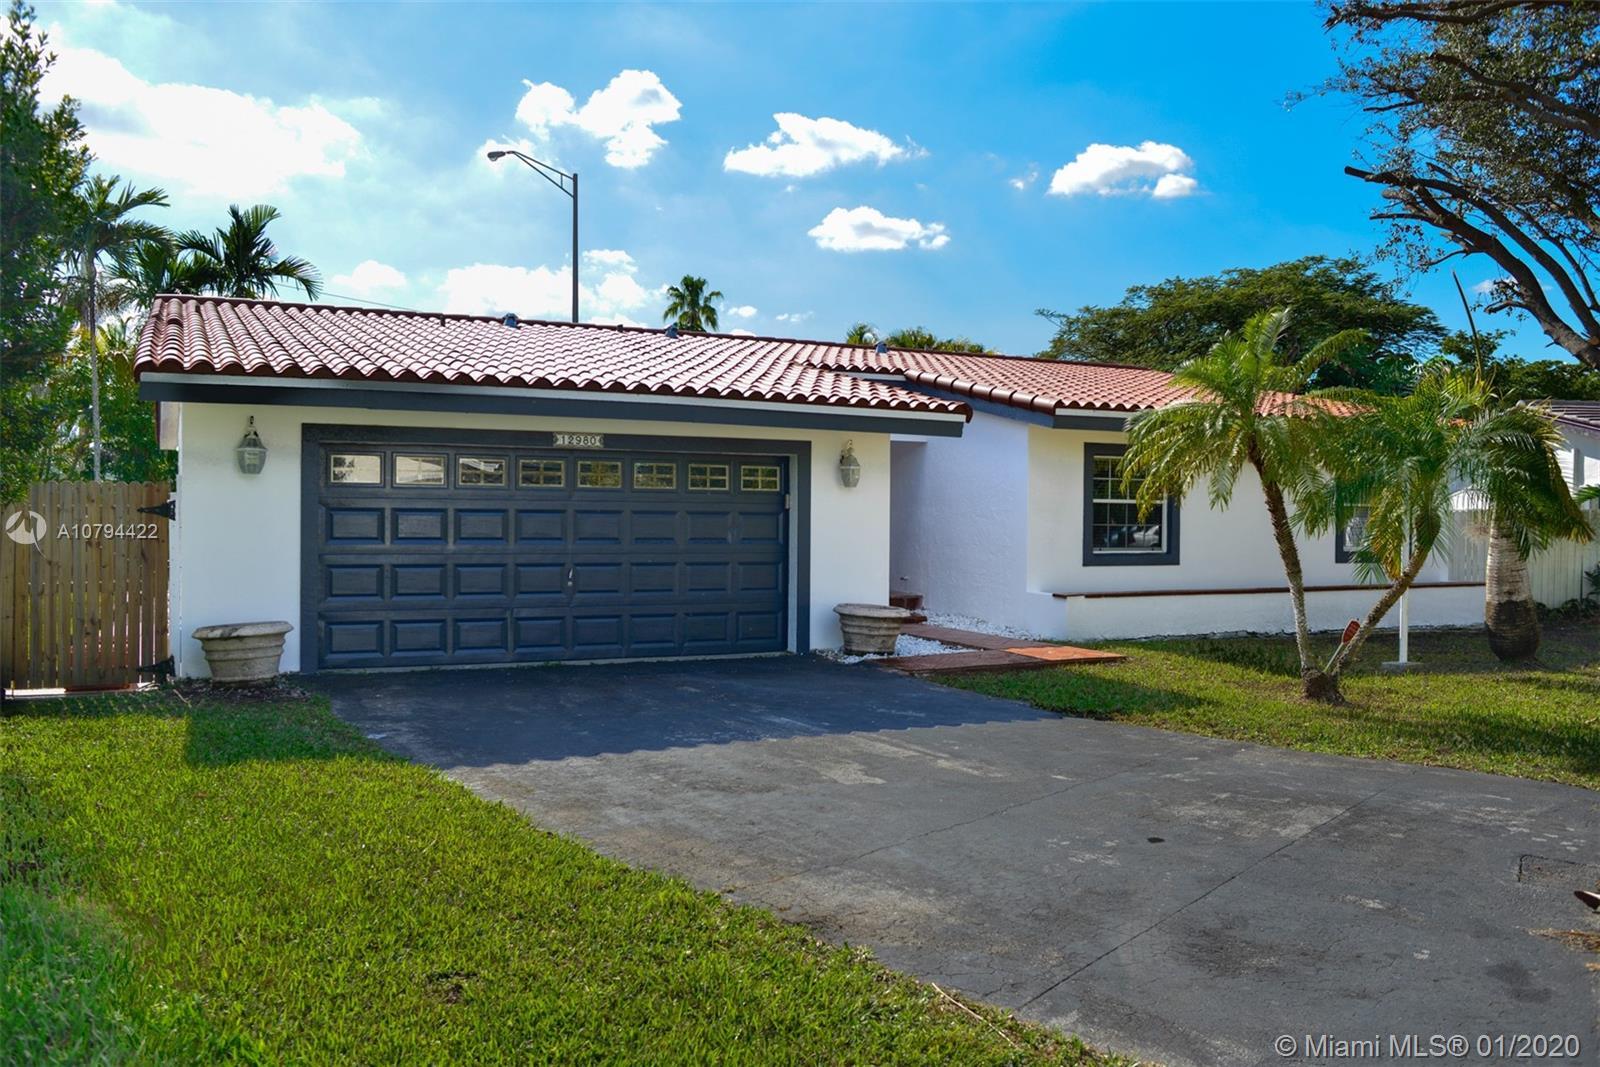 12980 SW 103rd Ter, Miami, FL 33186 - Miami, FL real estate listing